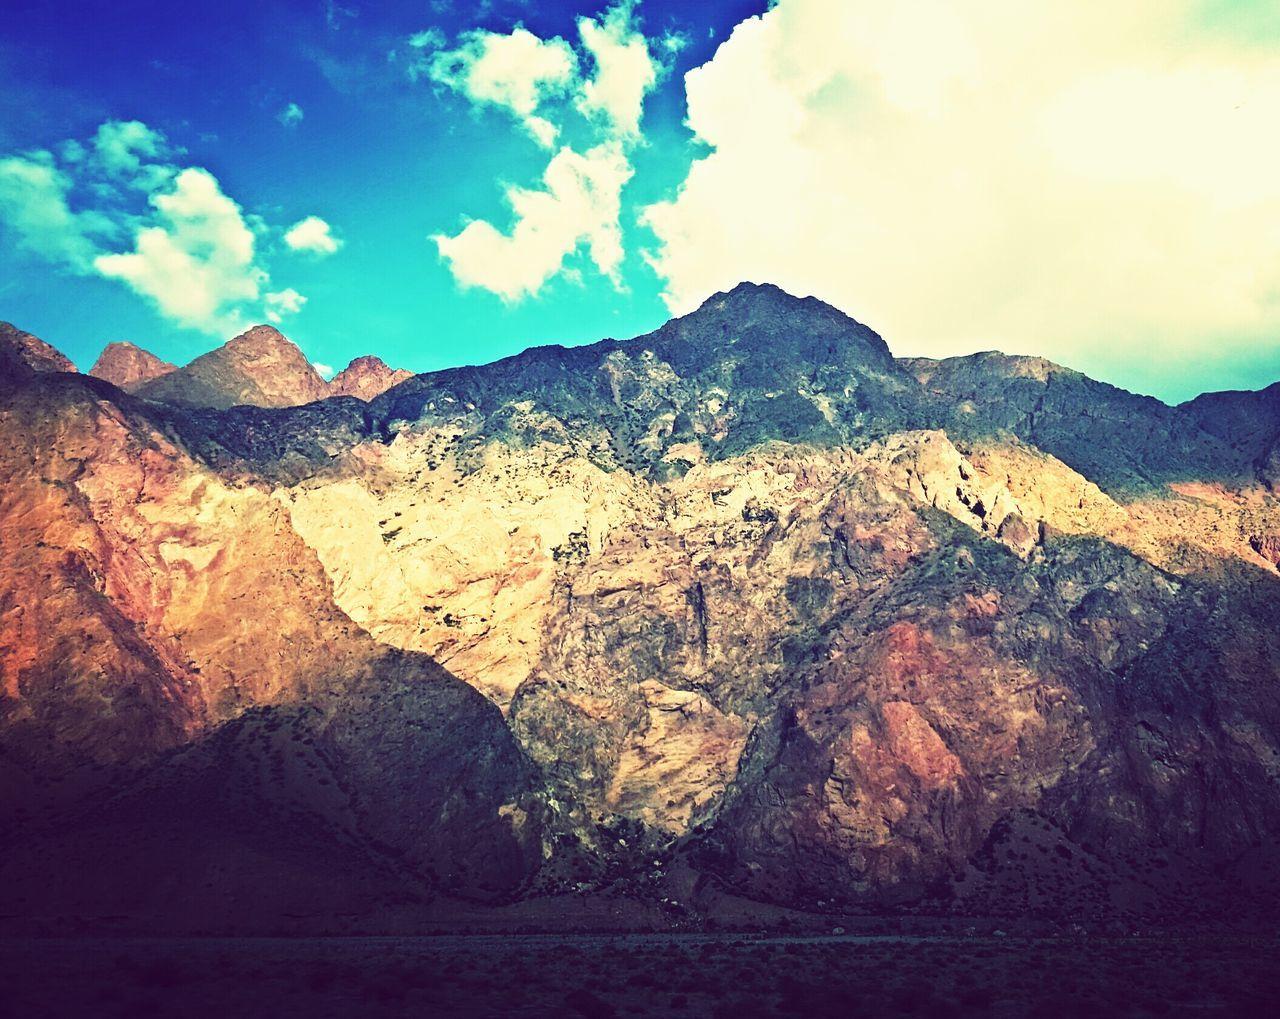 Cordillera de los Andes, Mendoza, Argentina Argentina Mendoza Mountain Snow First Eyeem Photo